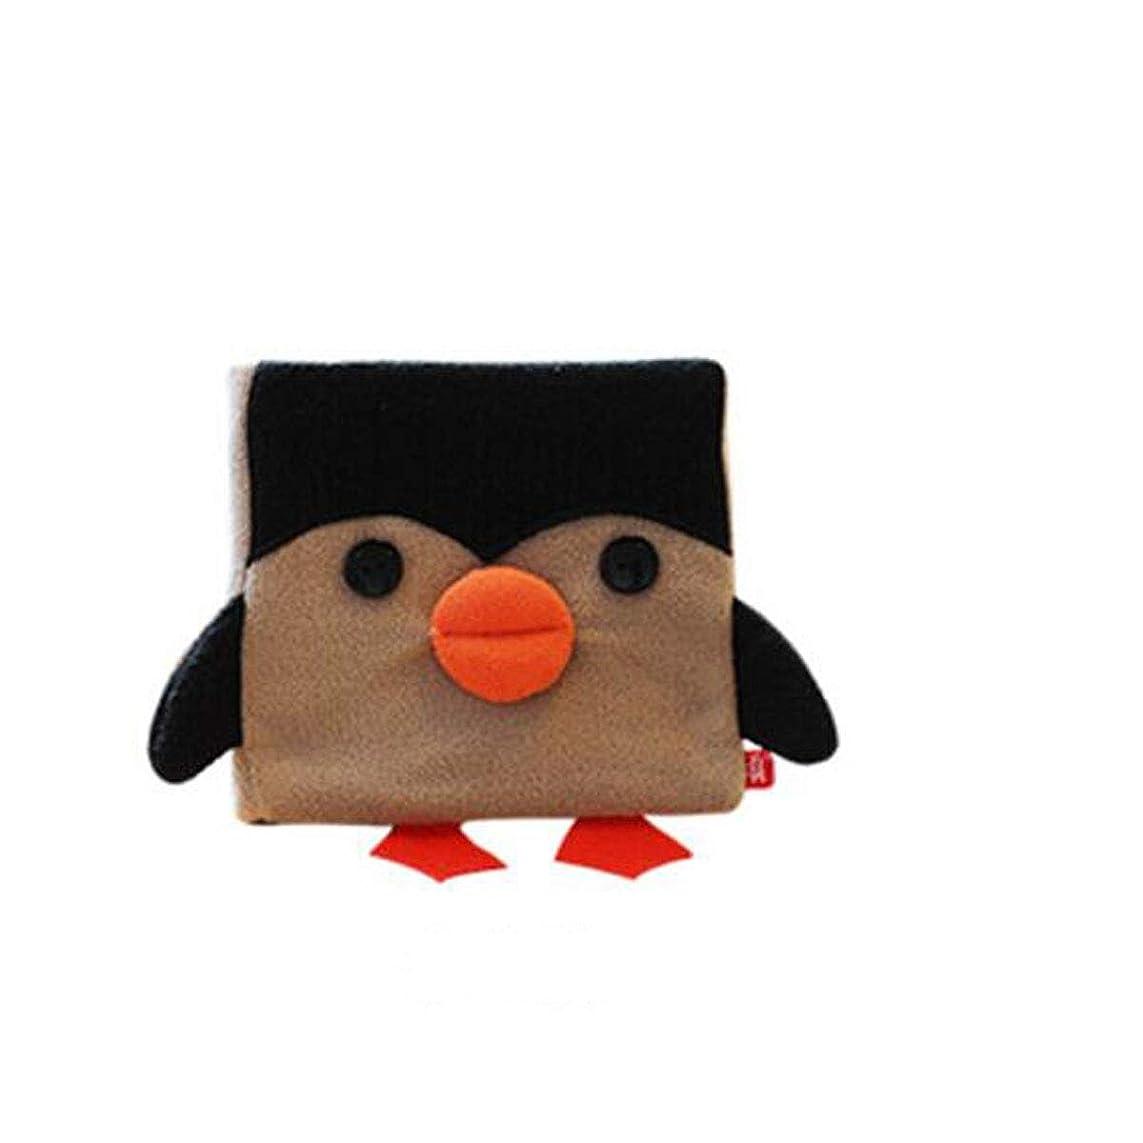 プール州スモッグXIONGHAIZI ポータブルかわいい癒しのノートブック、かわいいペットシリーズ、ハンドブック、クラフト紙、日記、ポータブル、父の日の贈り物、中国のバレンタインデーの贈り物、学校の贈り物、クリスマスプレゼント、Little Penguin Version (Color : Multi-colored)